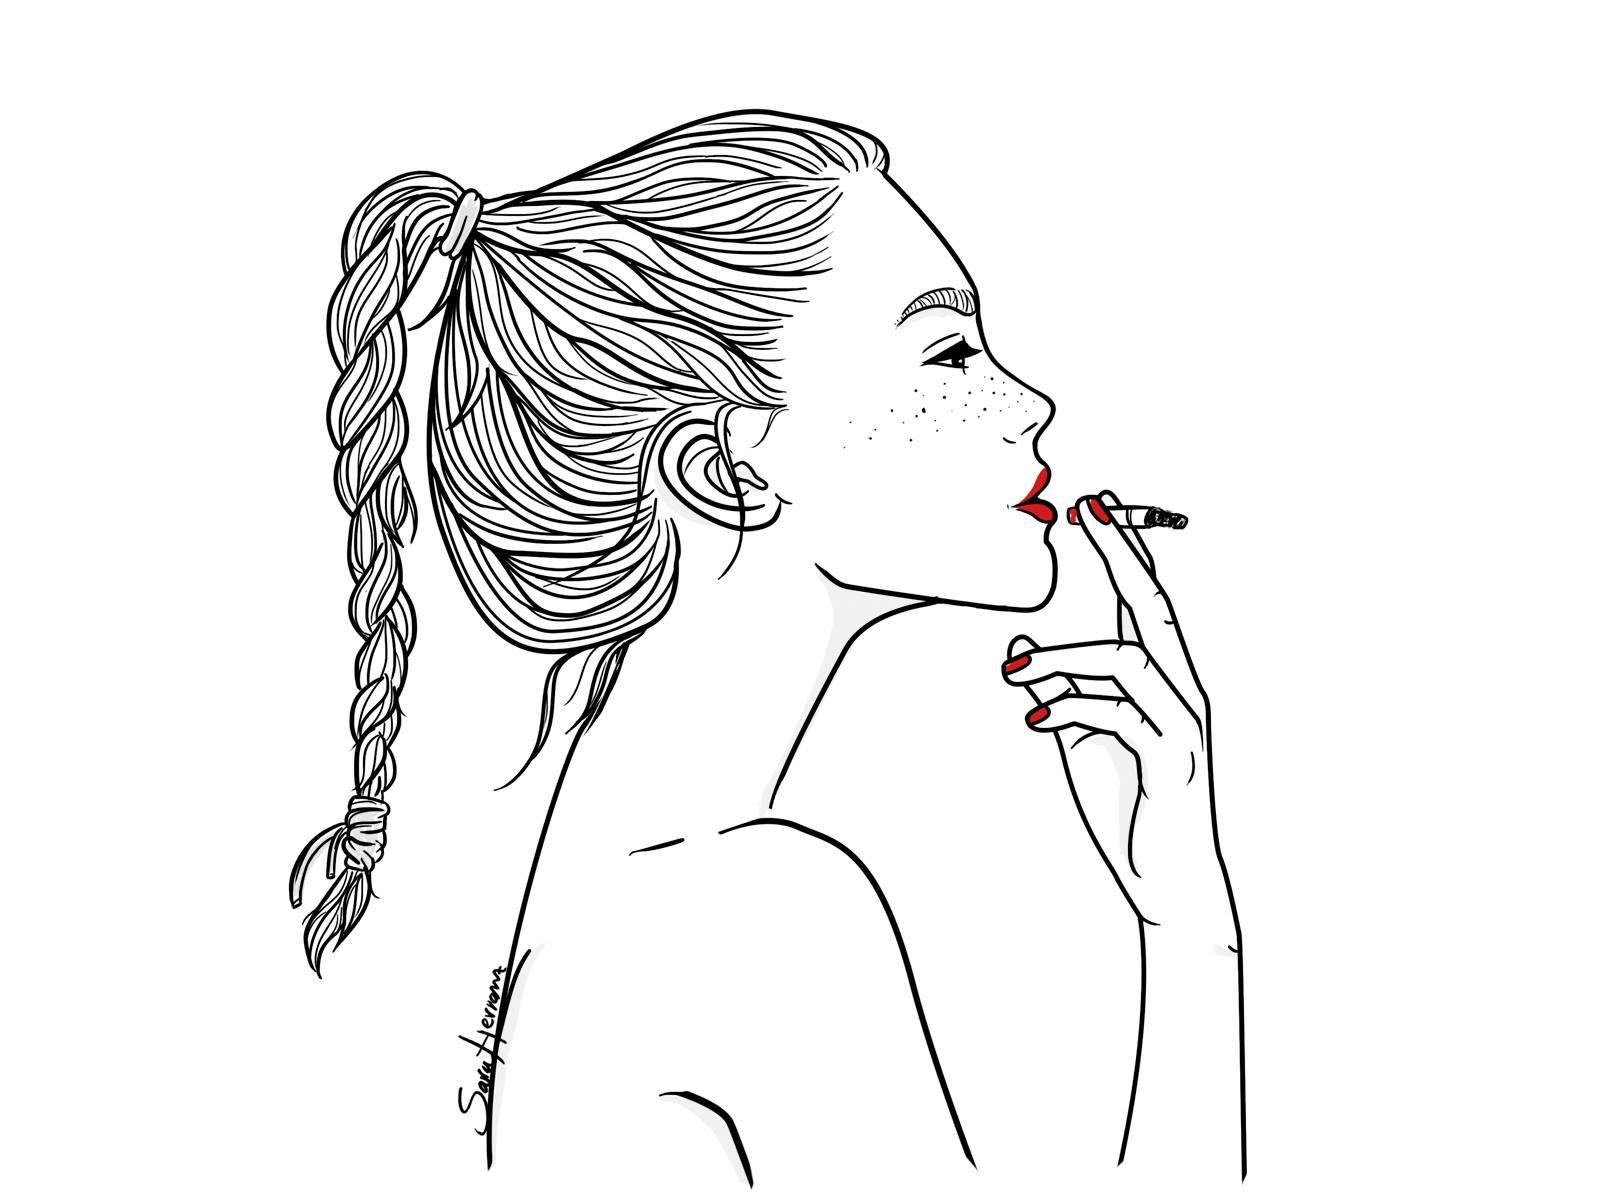 Ilustraciones con un toque hipster